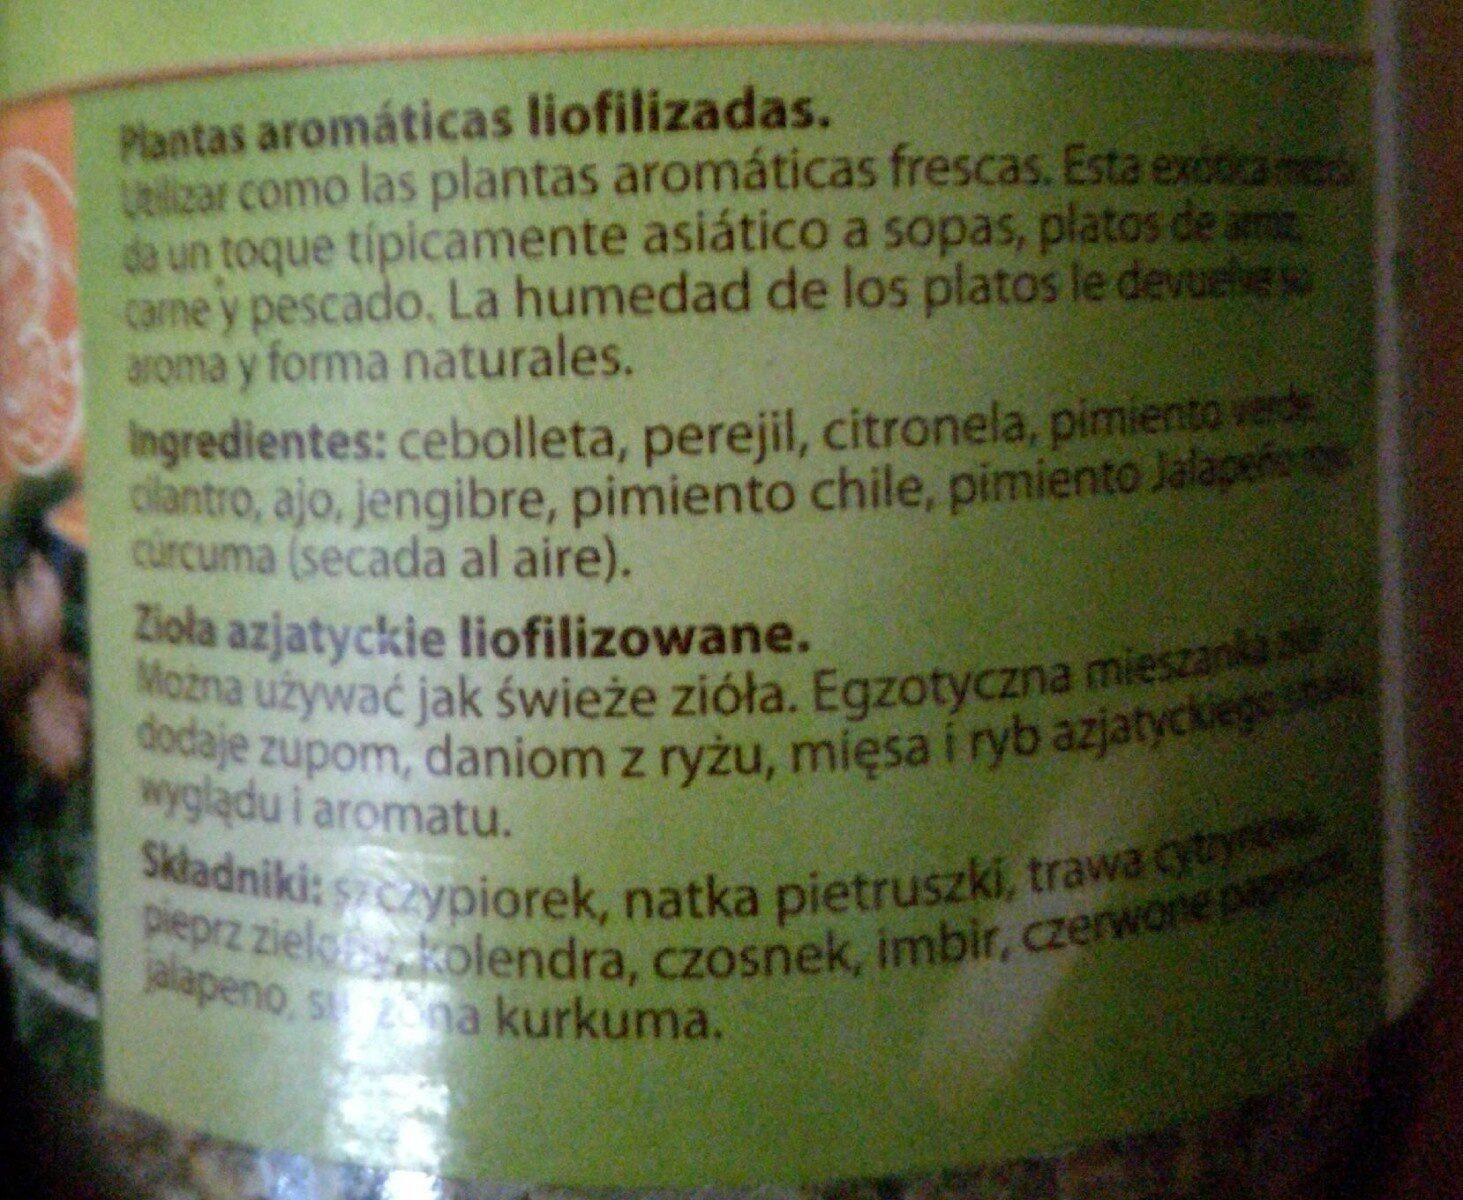 Plantas aromáticas - Informació nutricional - es